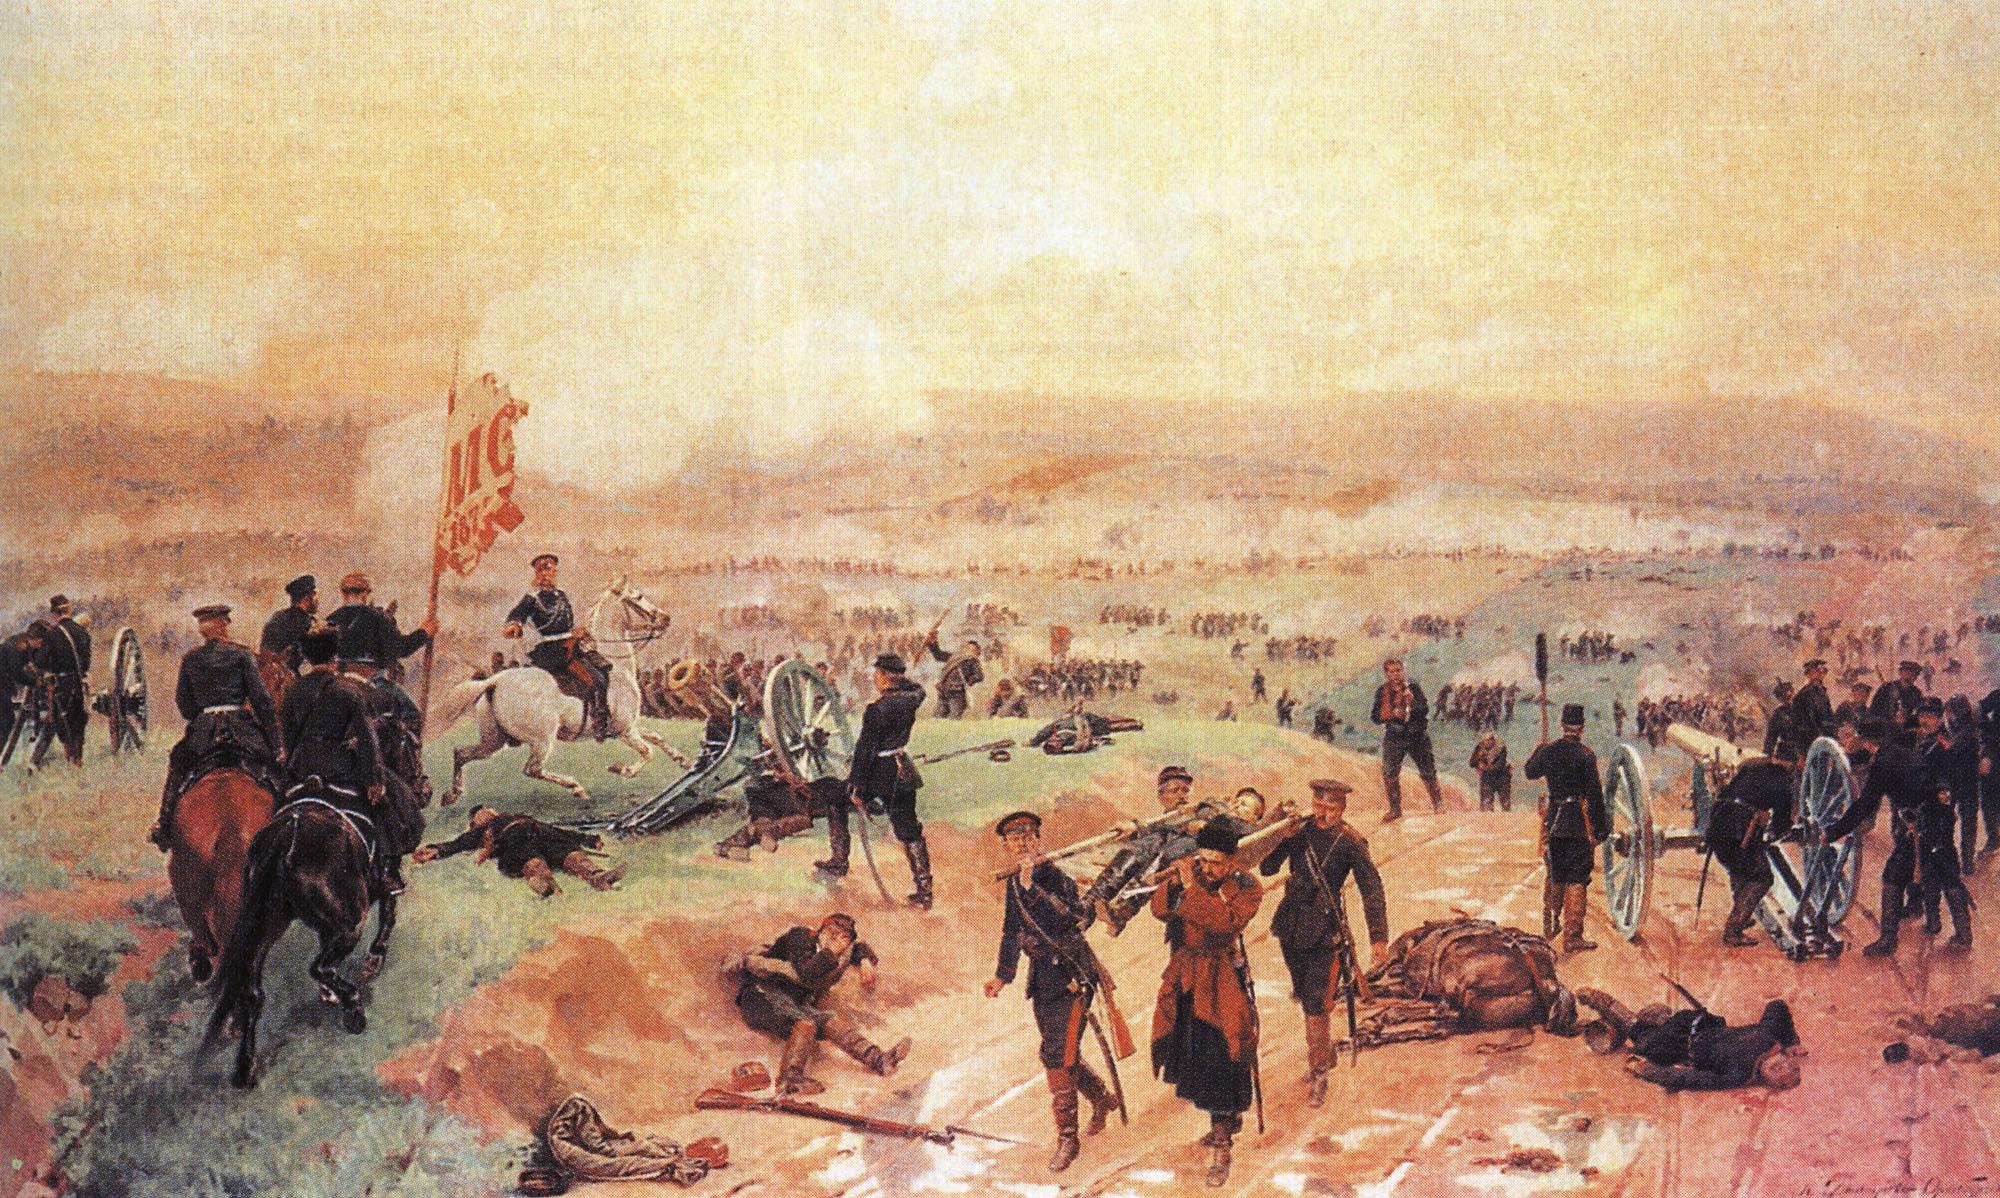 Николай Дмитриев-Оренбургский. Бой под Плевной 27 августа 1877 года. 1883.